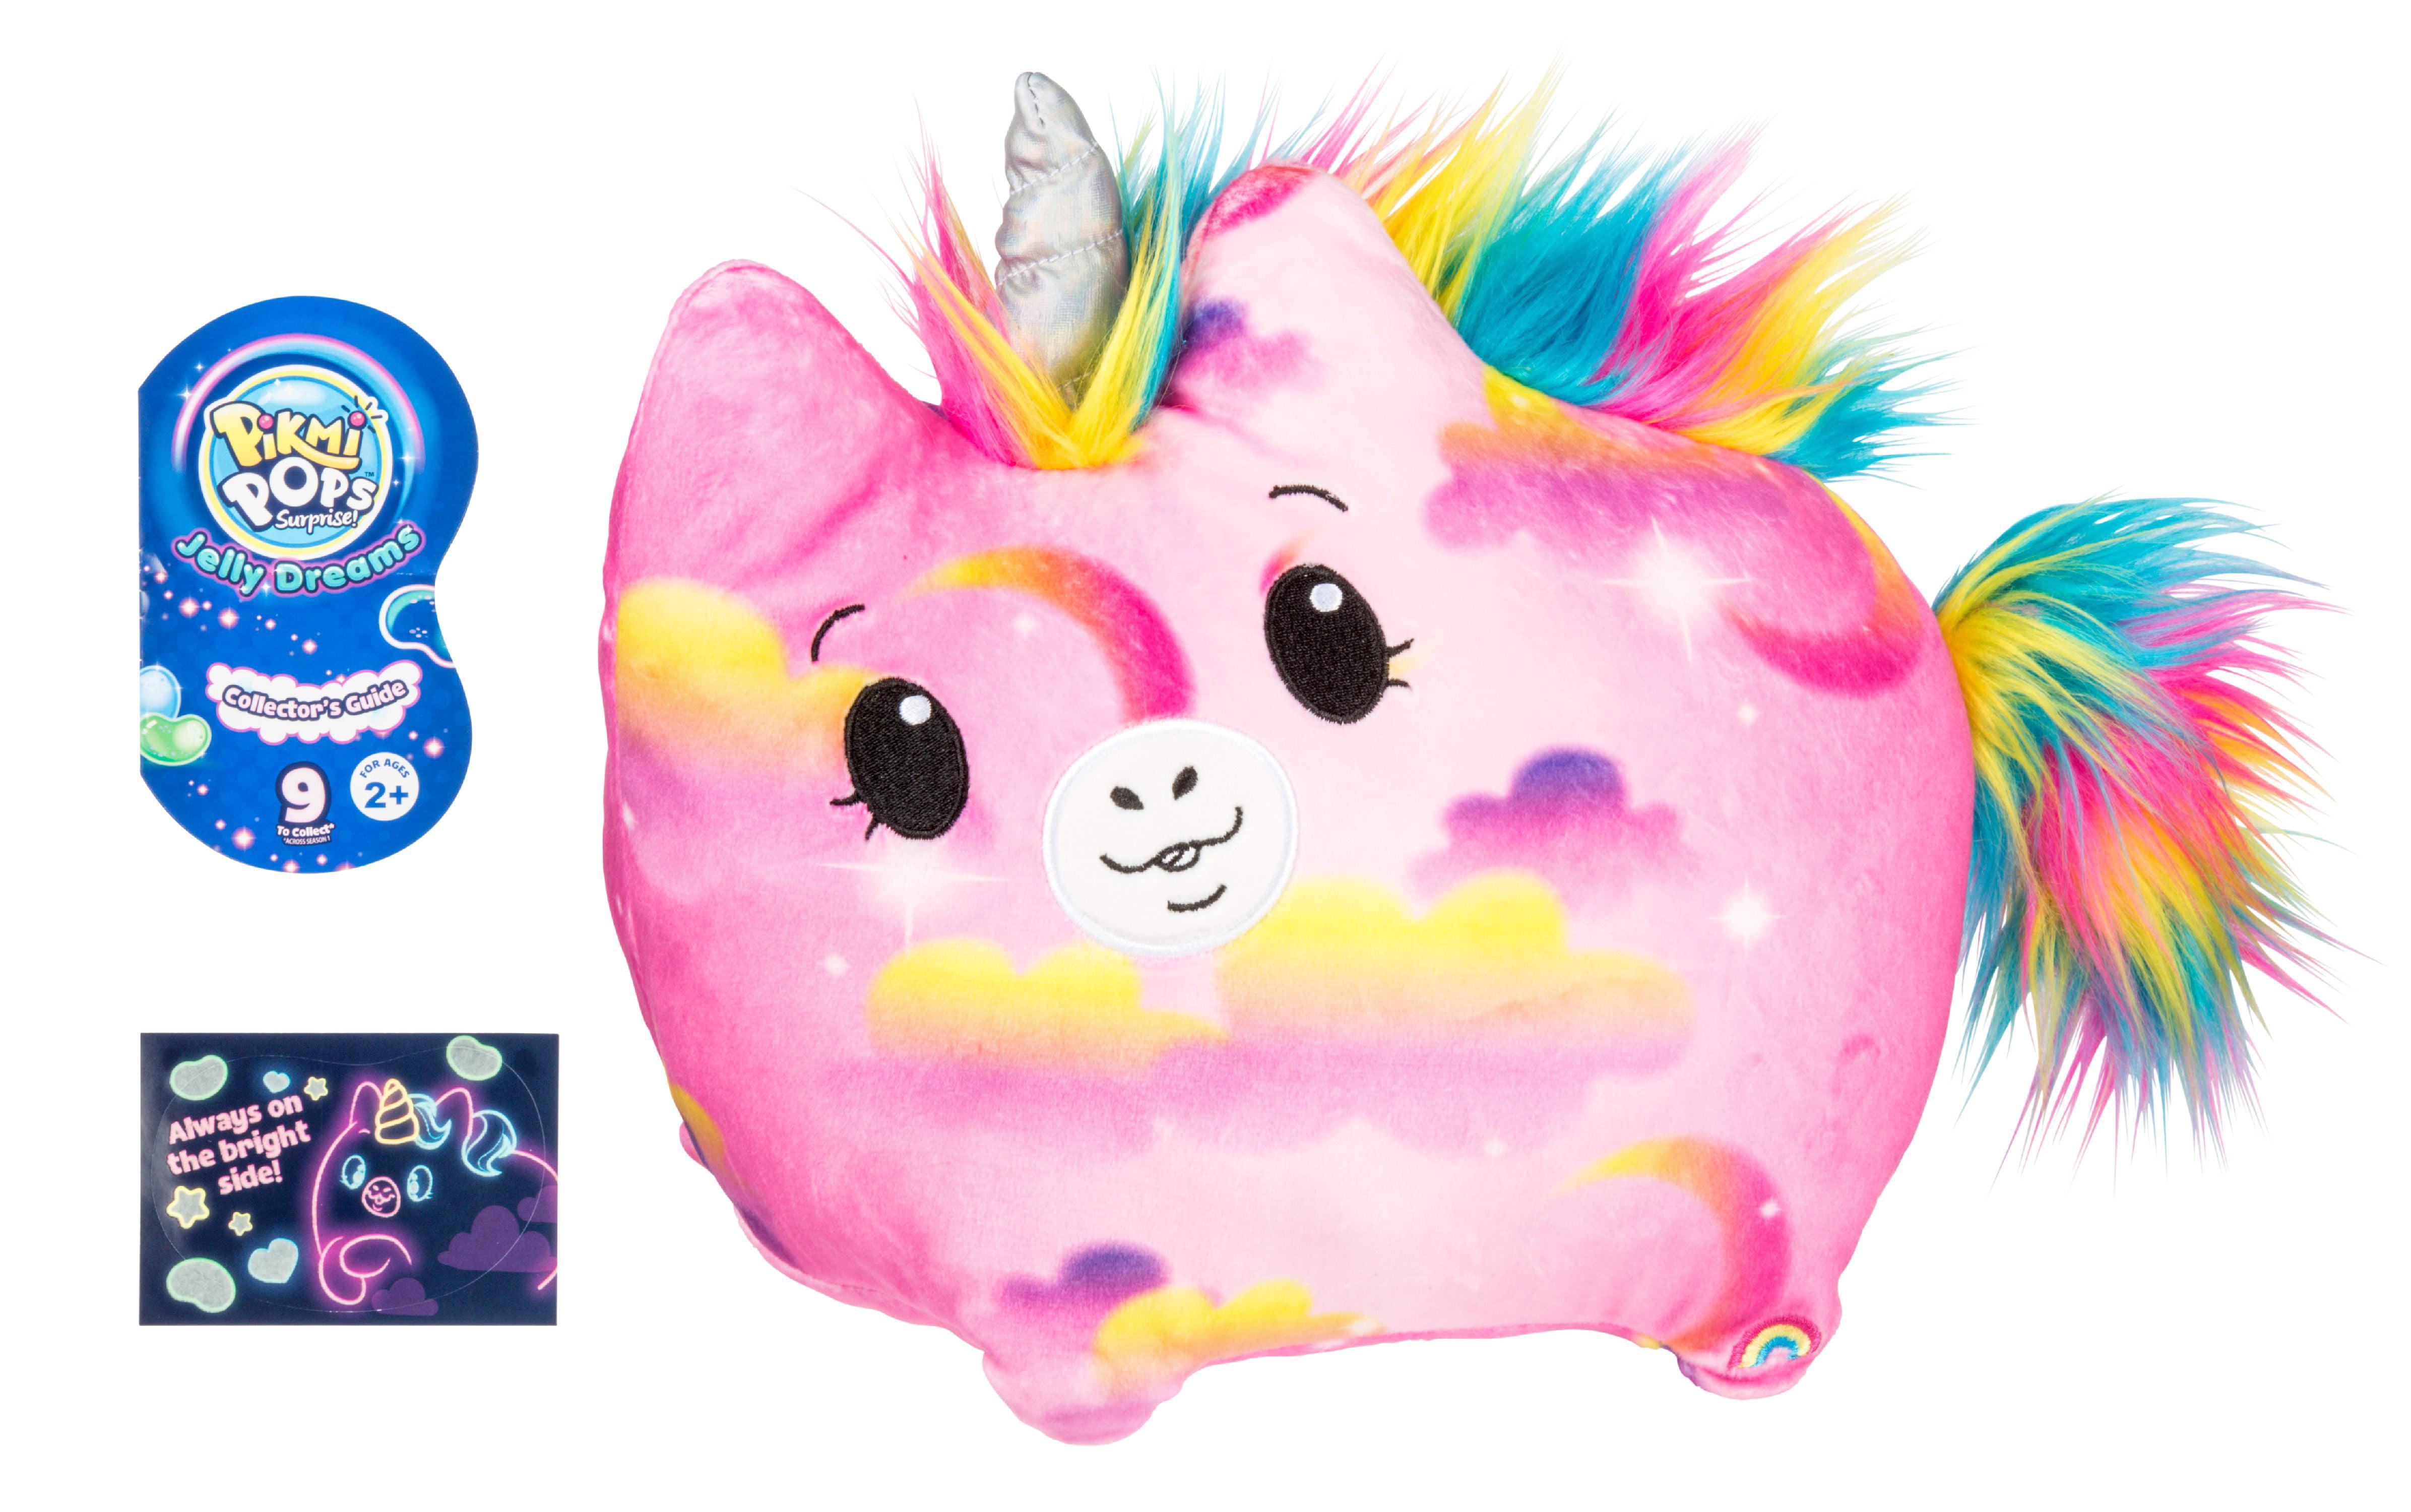 Pikmi Pops Jelly Dreams Wishes The Unicorn Walmartcom